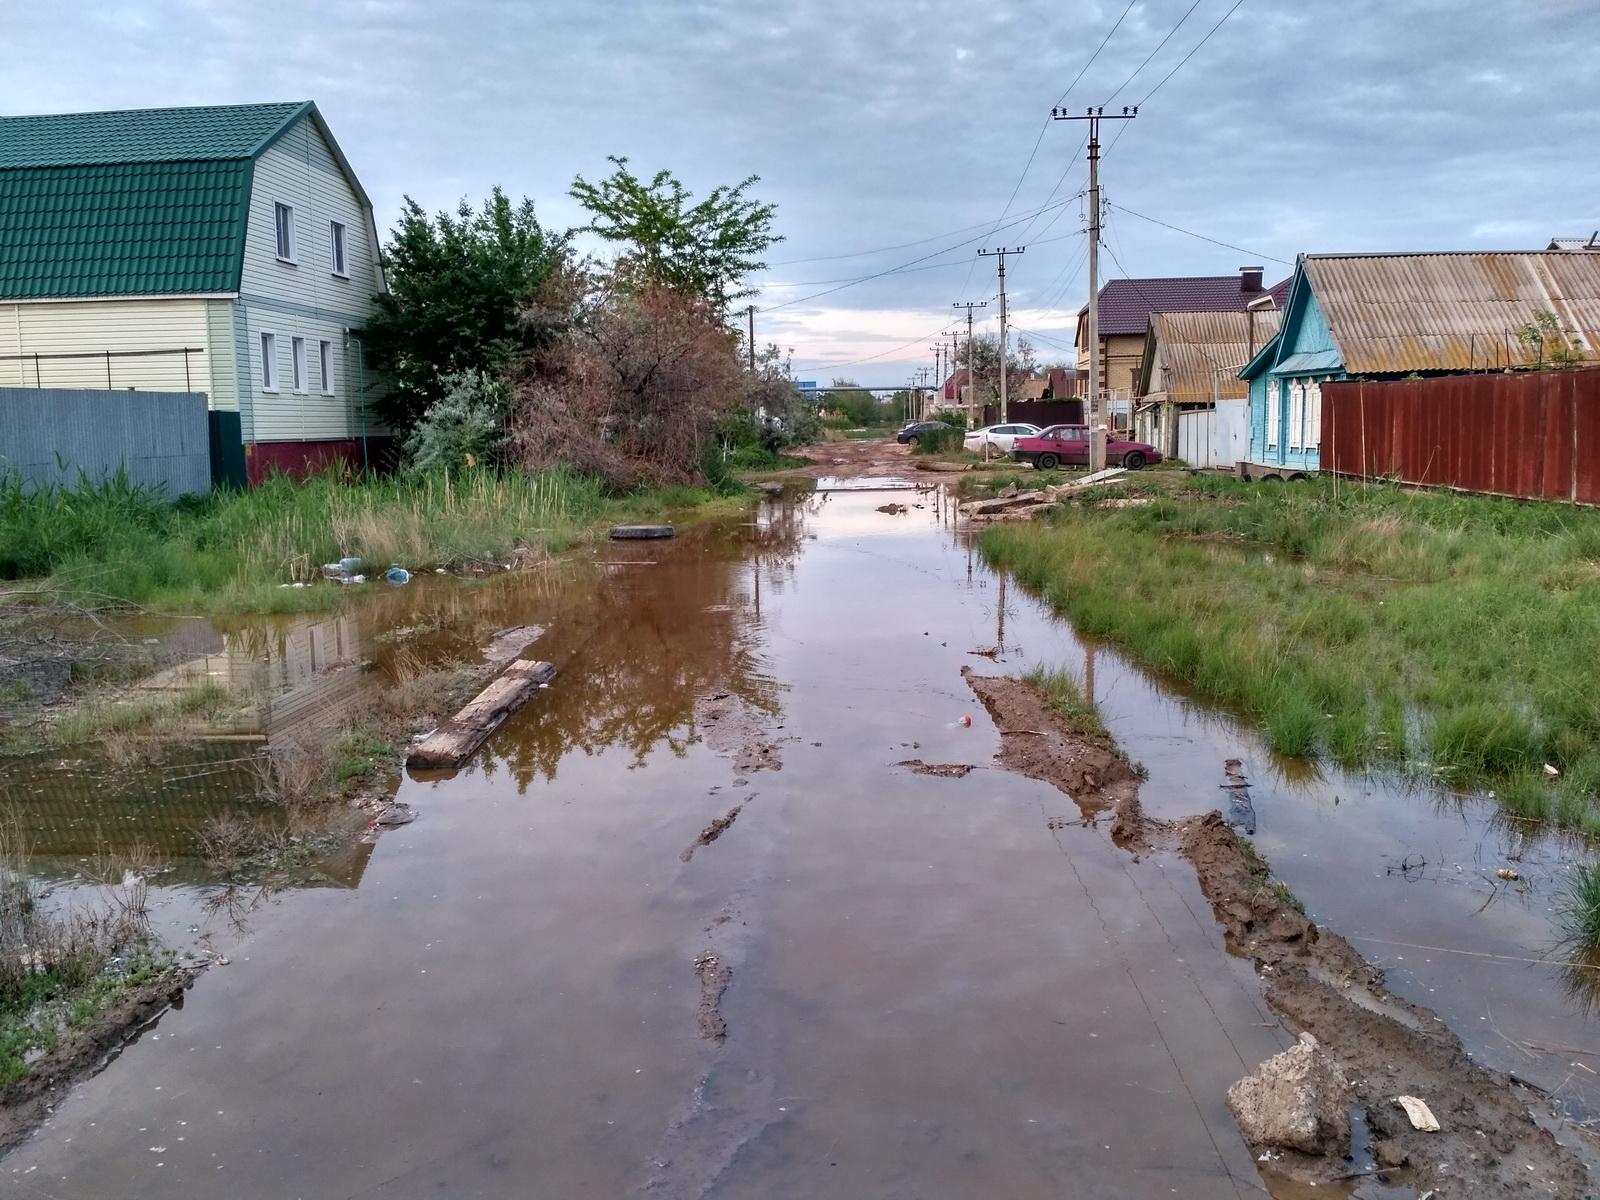 Вид после обильных дождей на ул.Тувинскую (Трусовский район), город Астрахань.